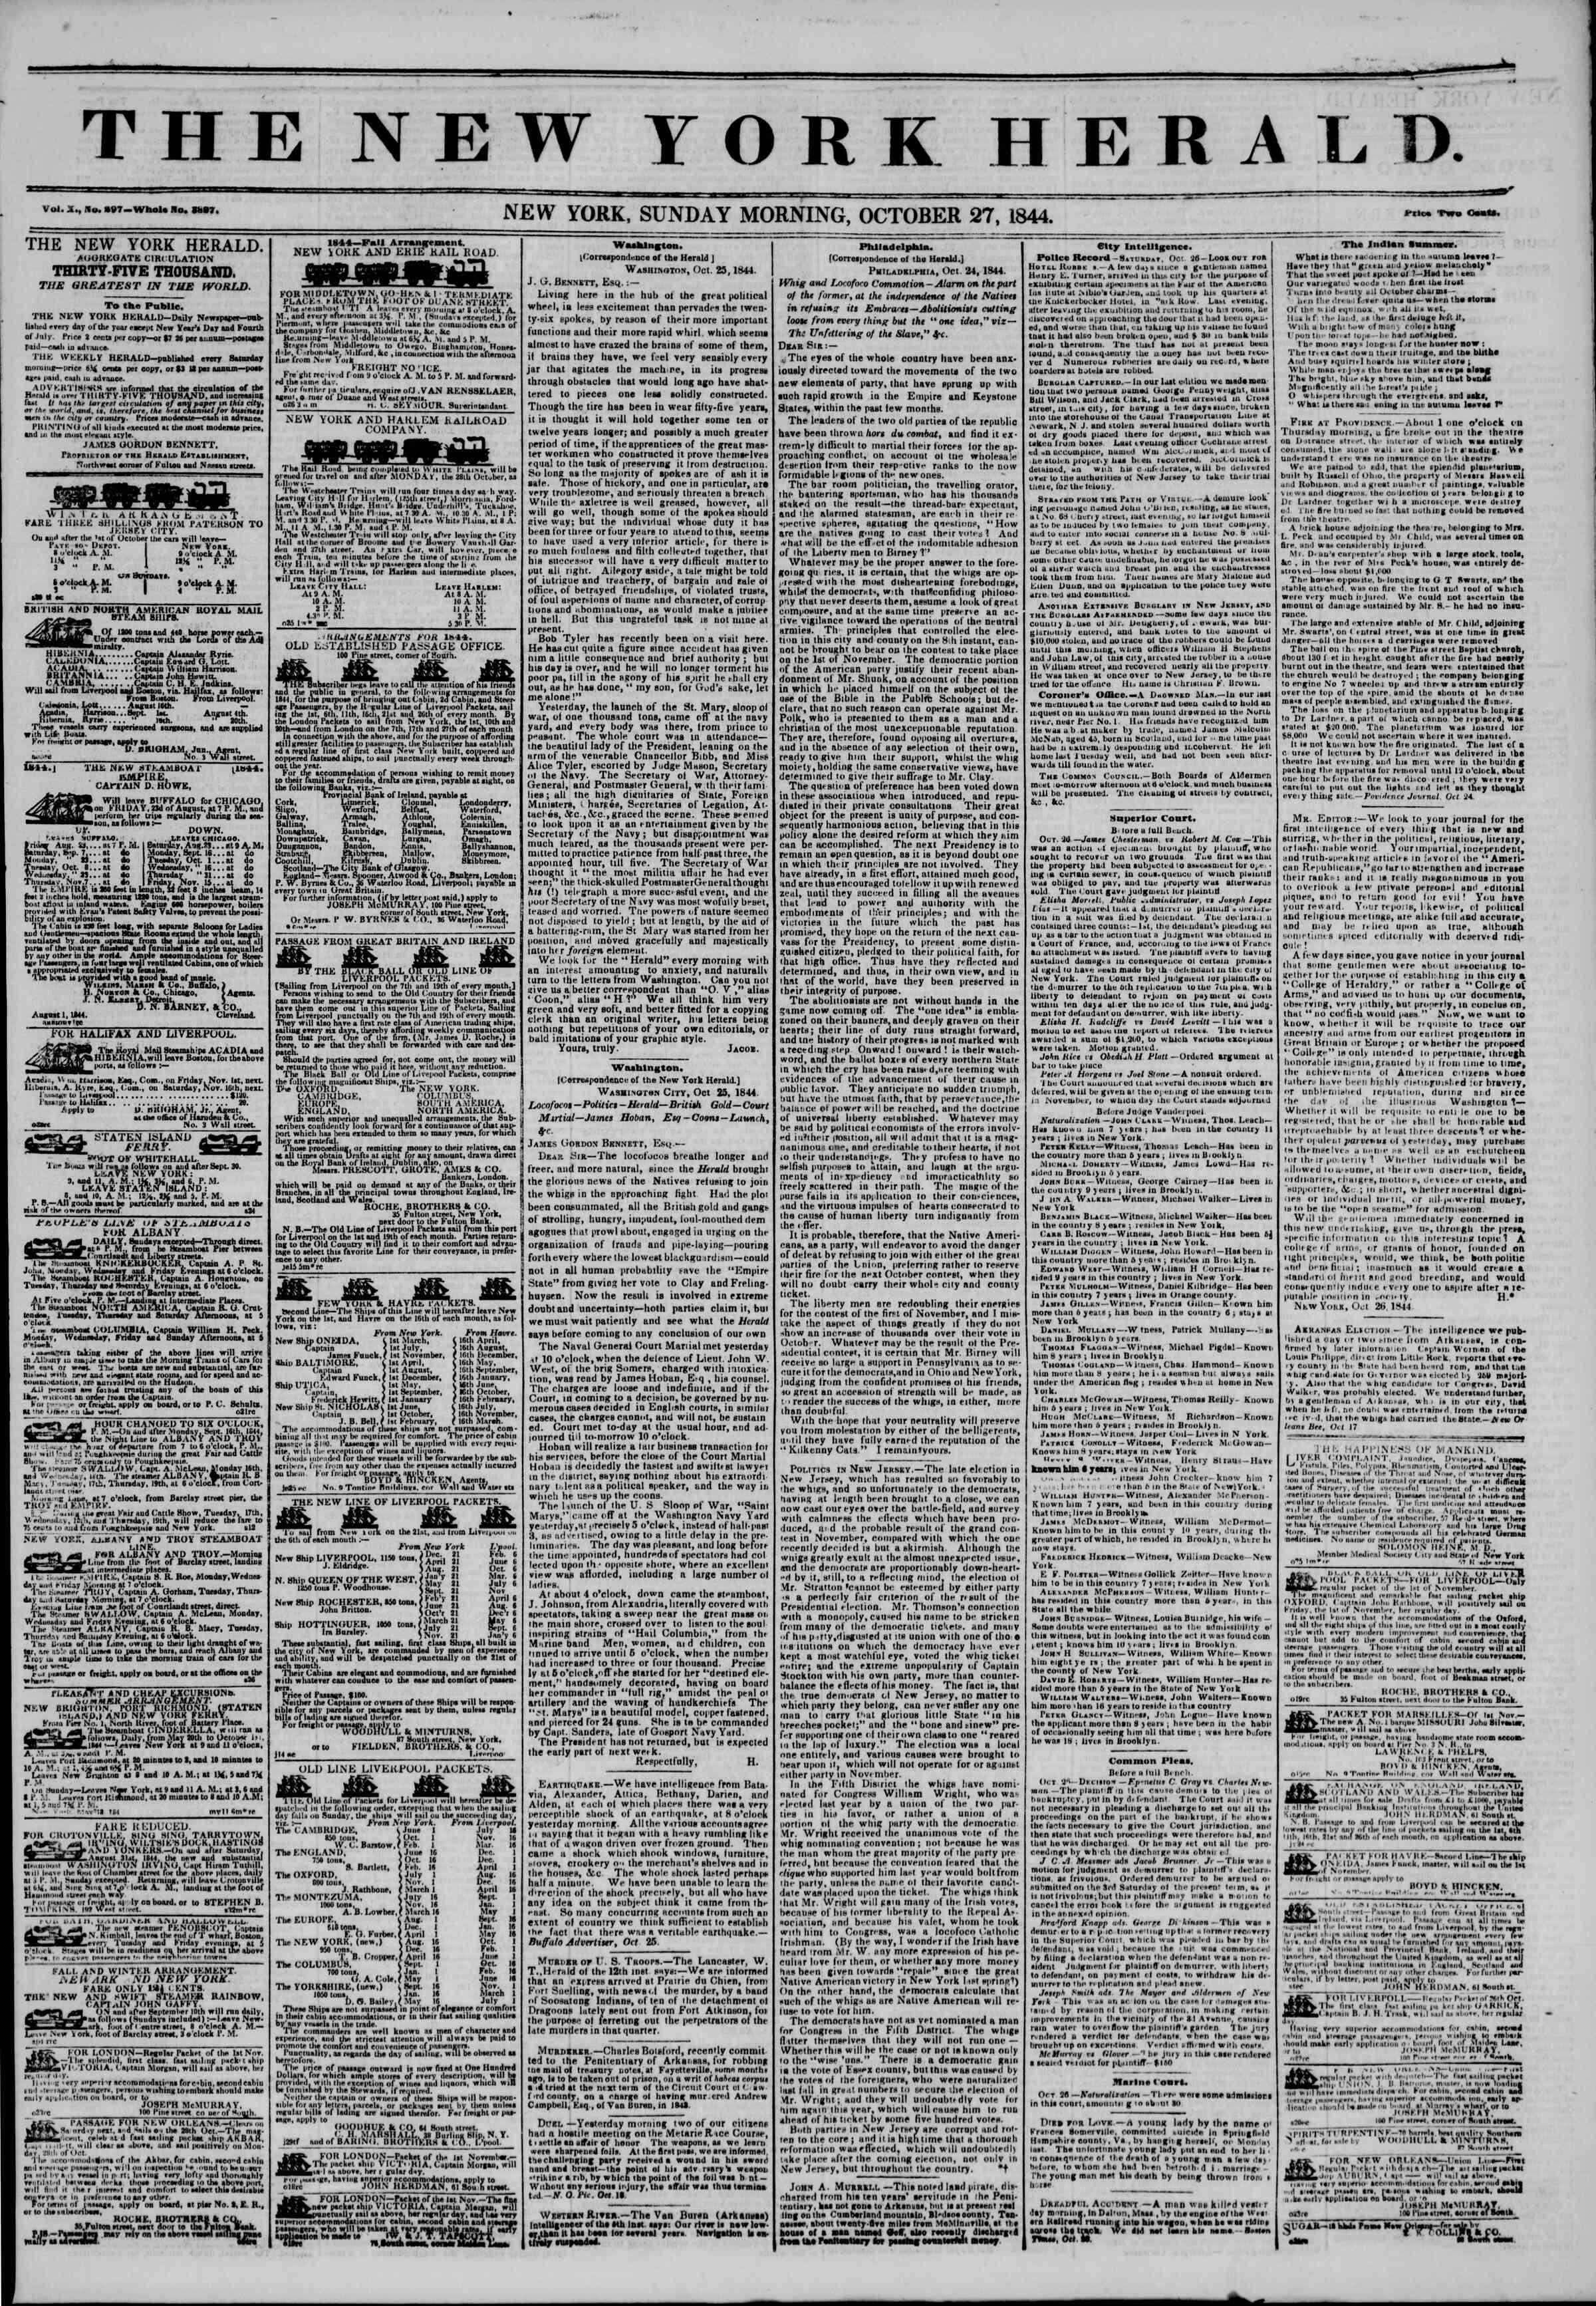 October 27, 1844 Tarihli The New York Herald Gazetesi Sayfa 1